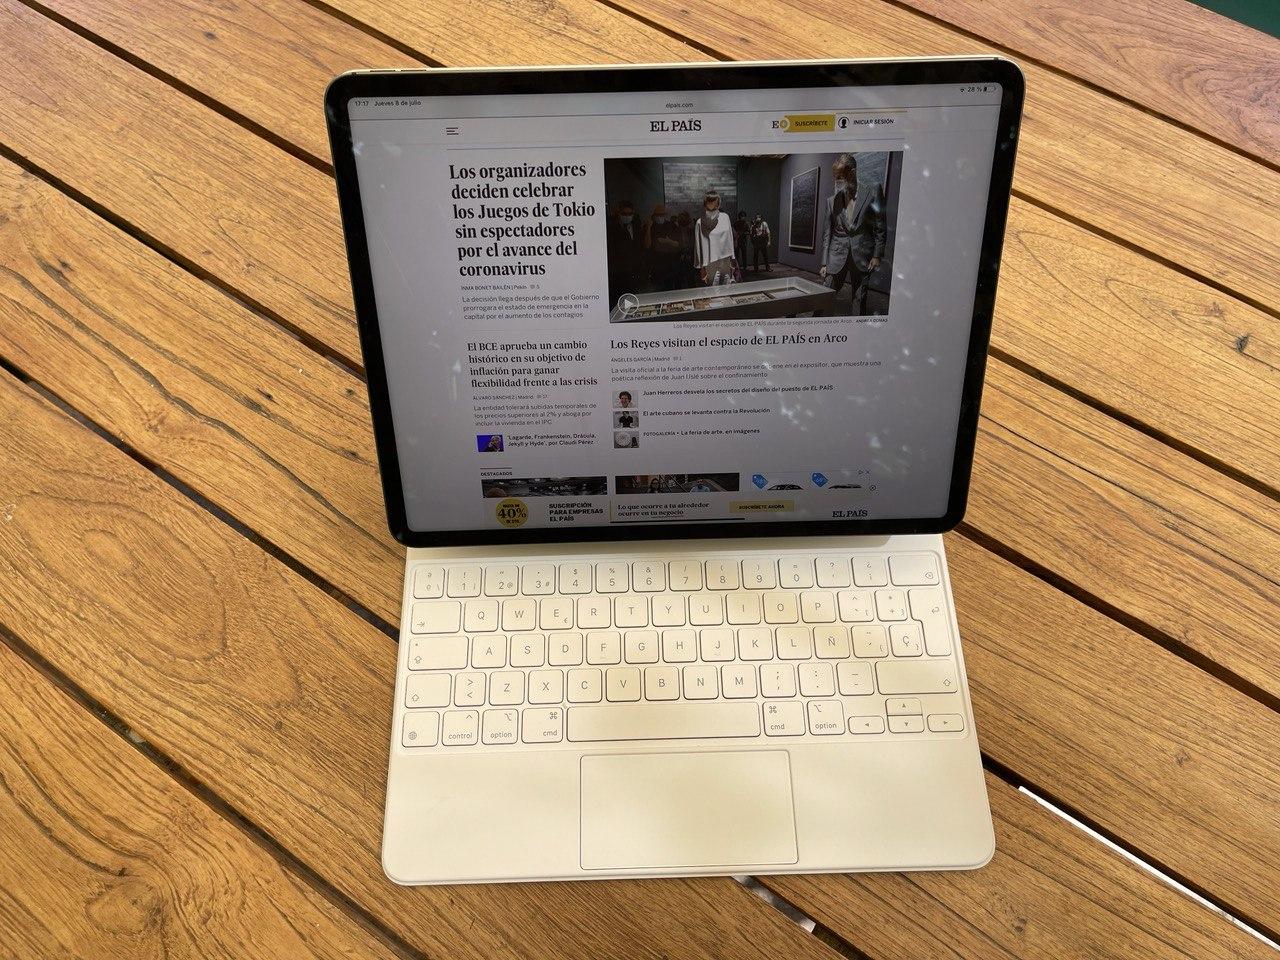 iPad Pro, a prueba: la tableta más potente de Apple con una cámara que sigue al usuario en las videollamadas